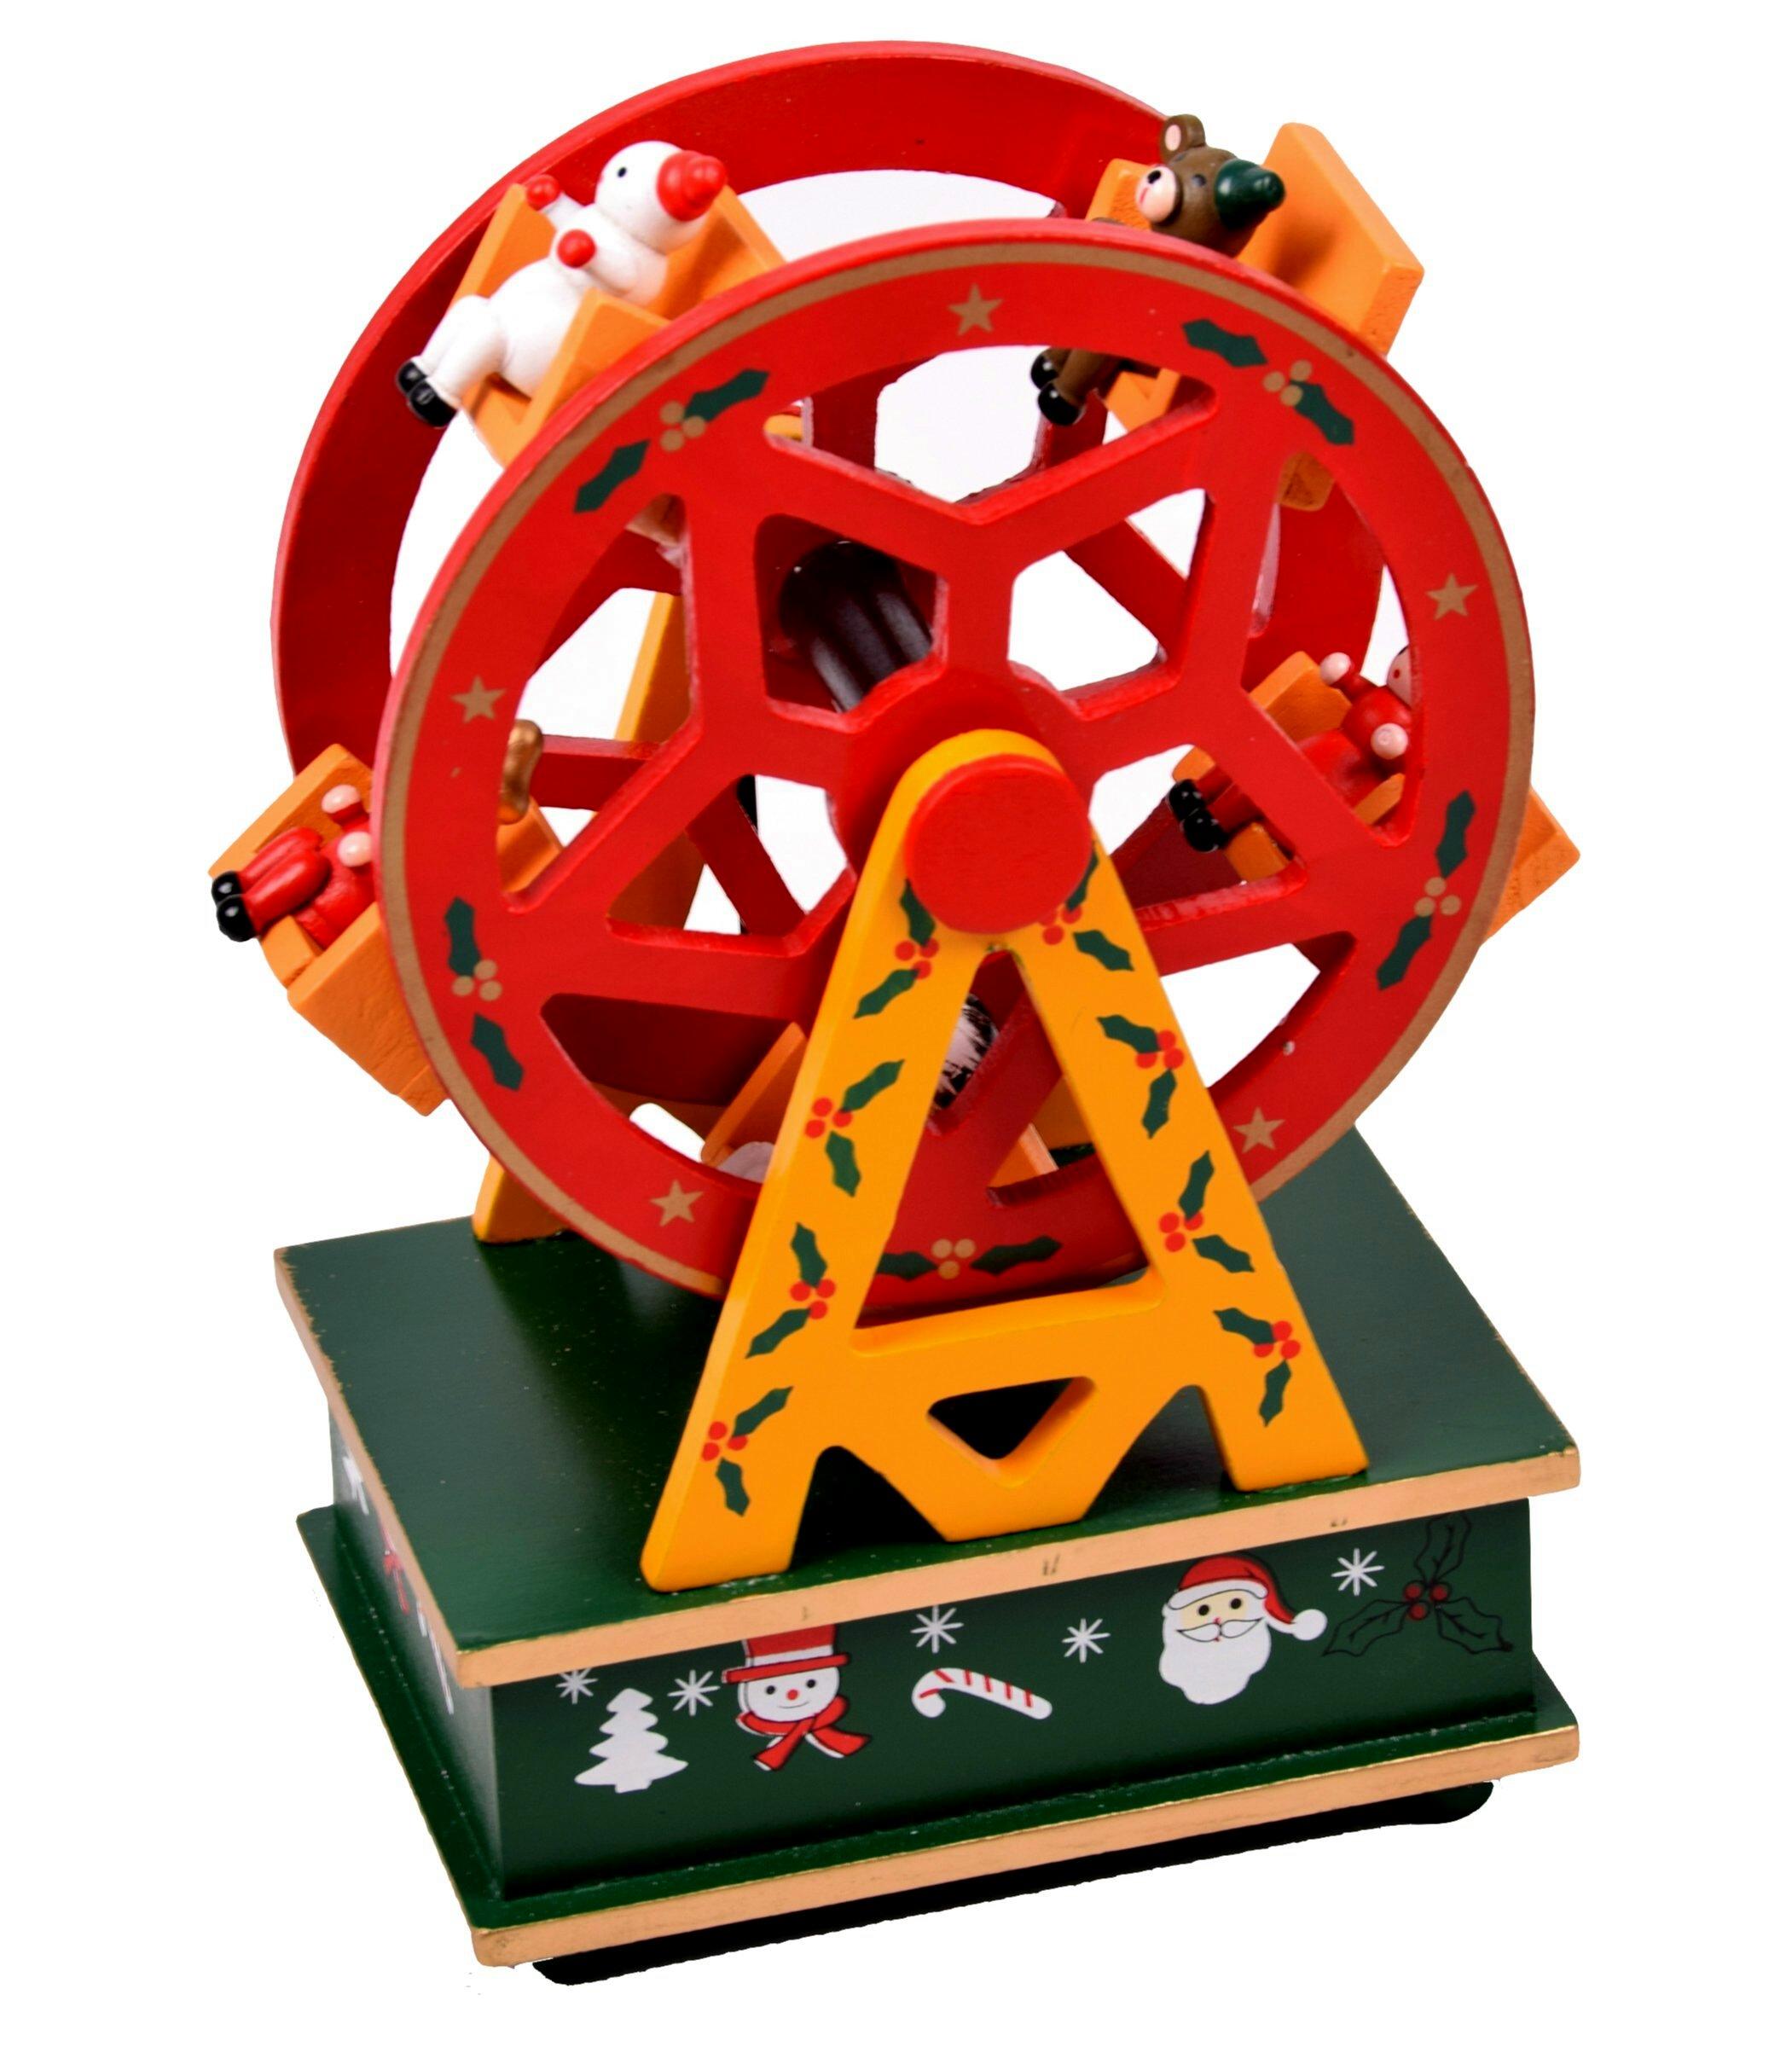 weihnachtsdeko riesenrad aus holz mit spieluhr f r weihnachten 20x13 cm ebay. Black Bedroom Furniture Sets. Home Design Ideas